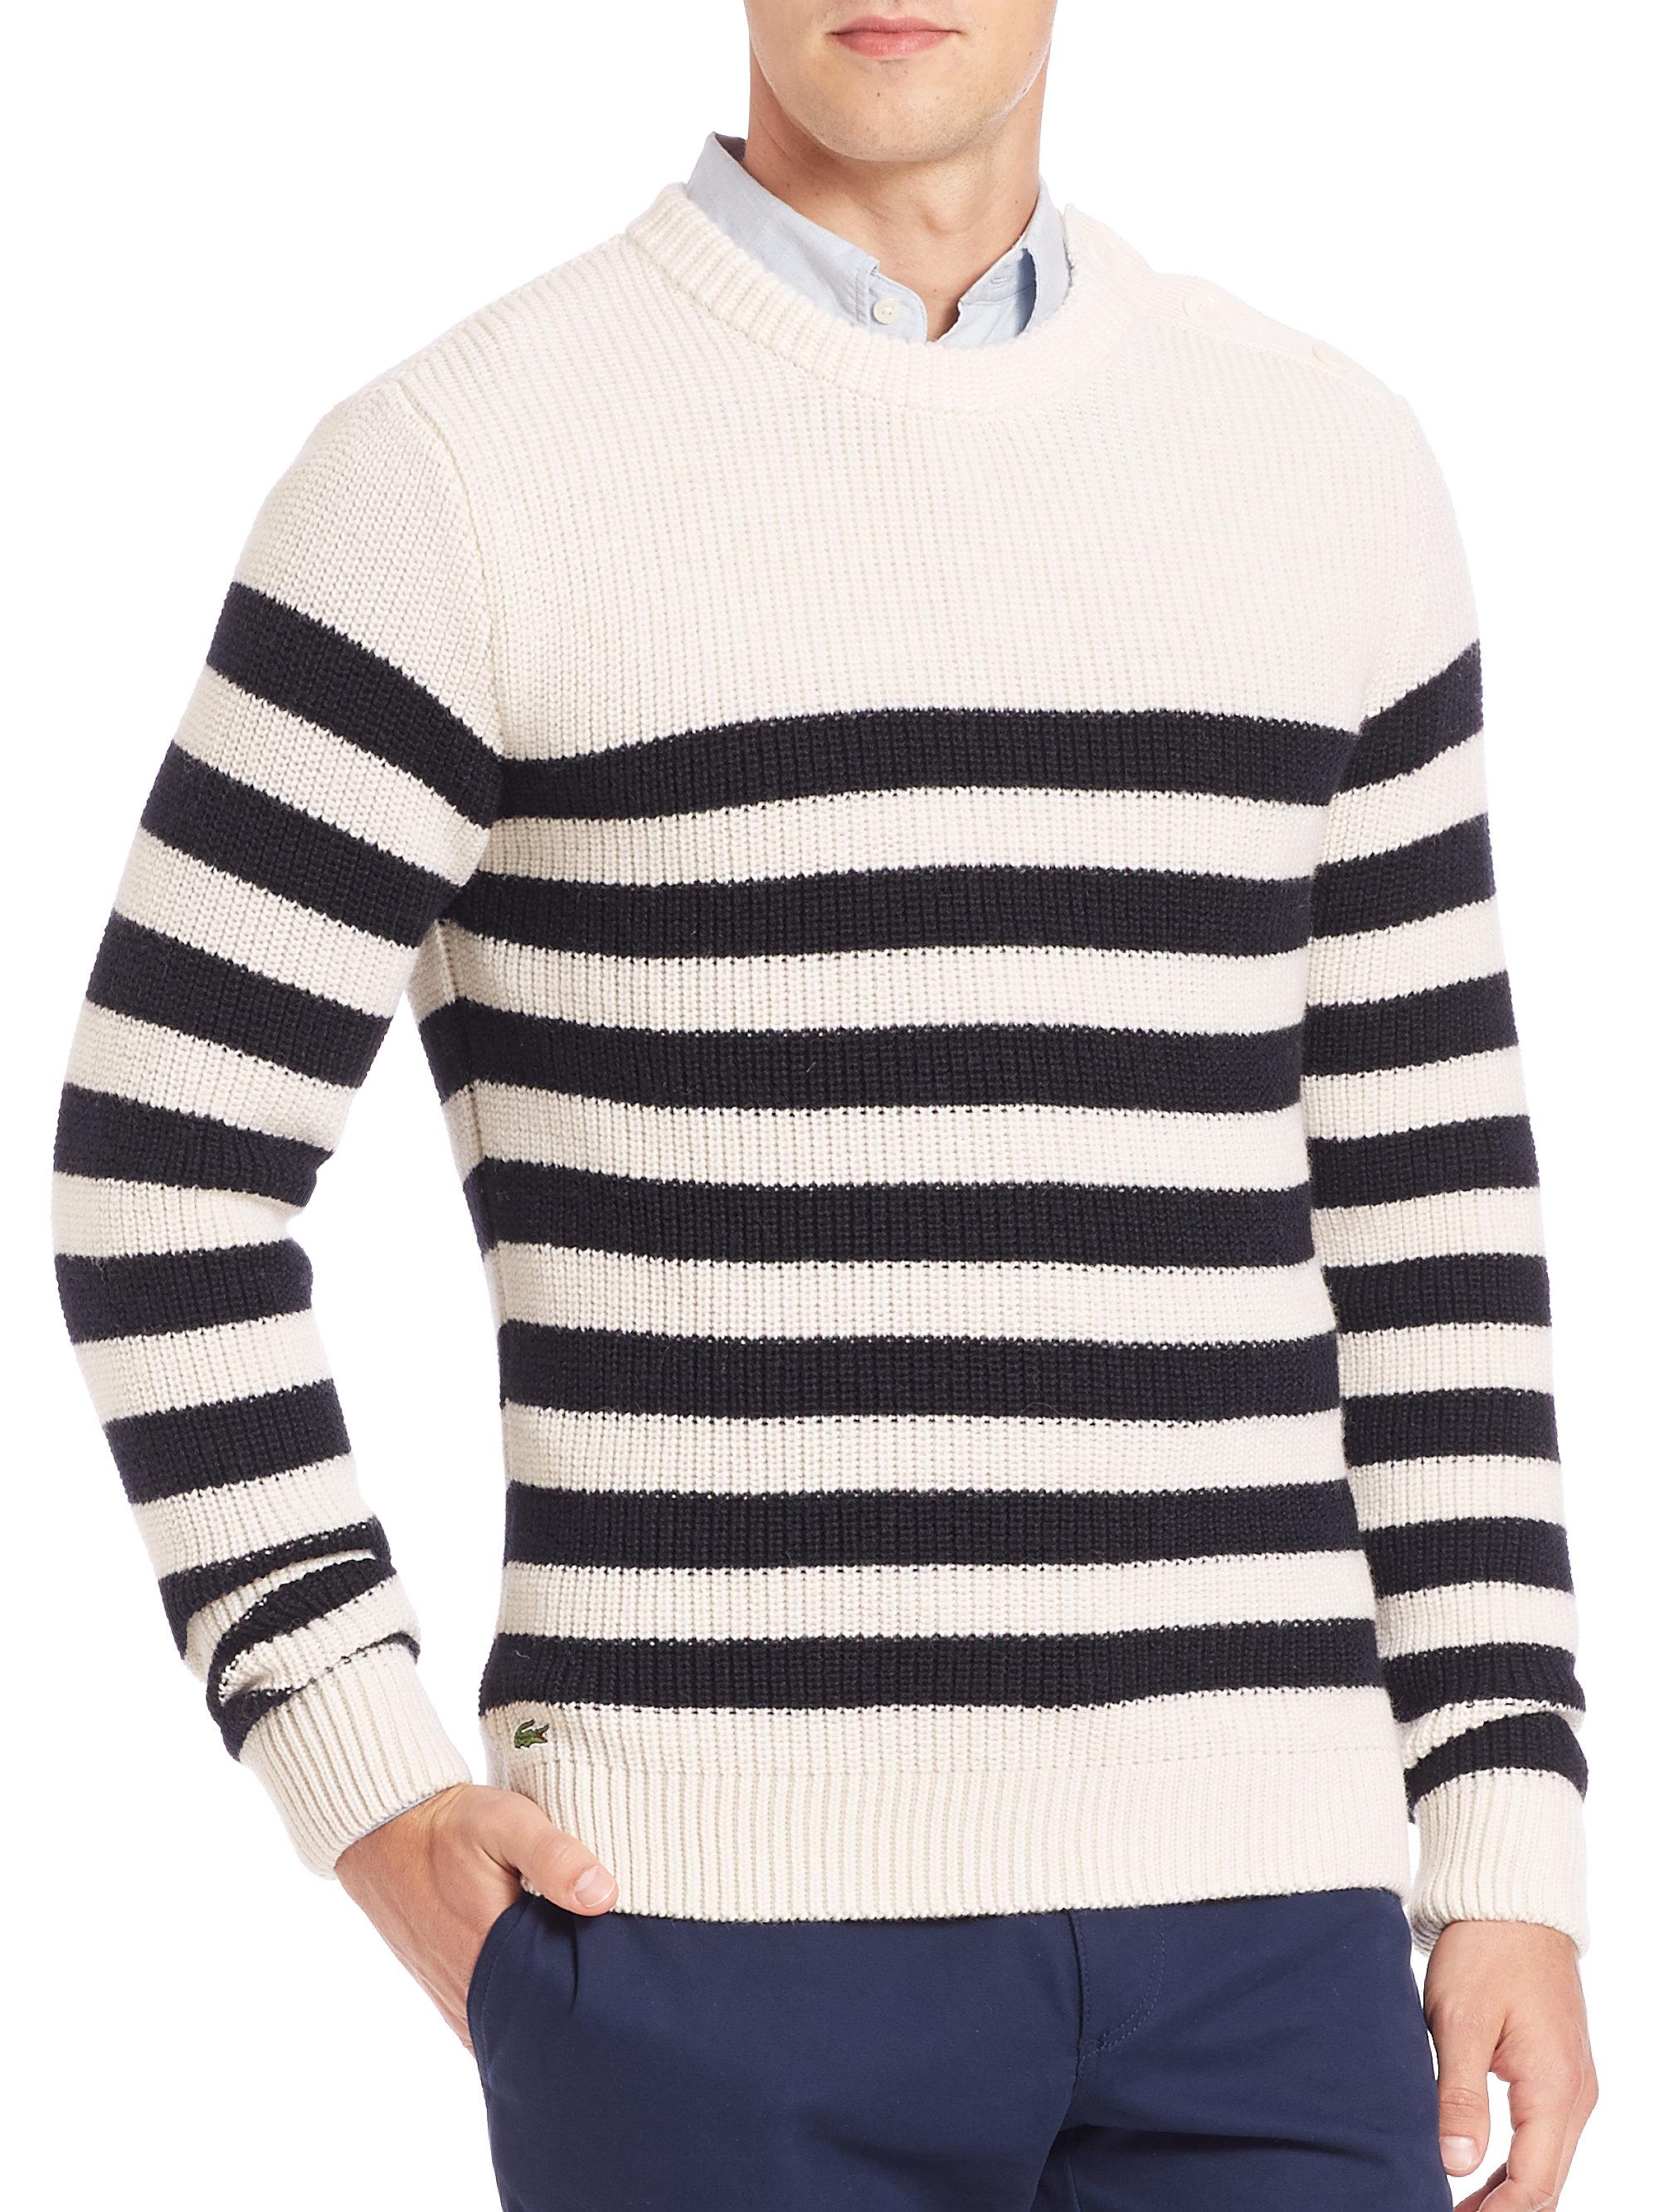 78fb8dba0aa6 Lyst - Lacoste Fancy Rib Striped Sweater in Purple for Men